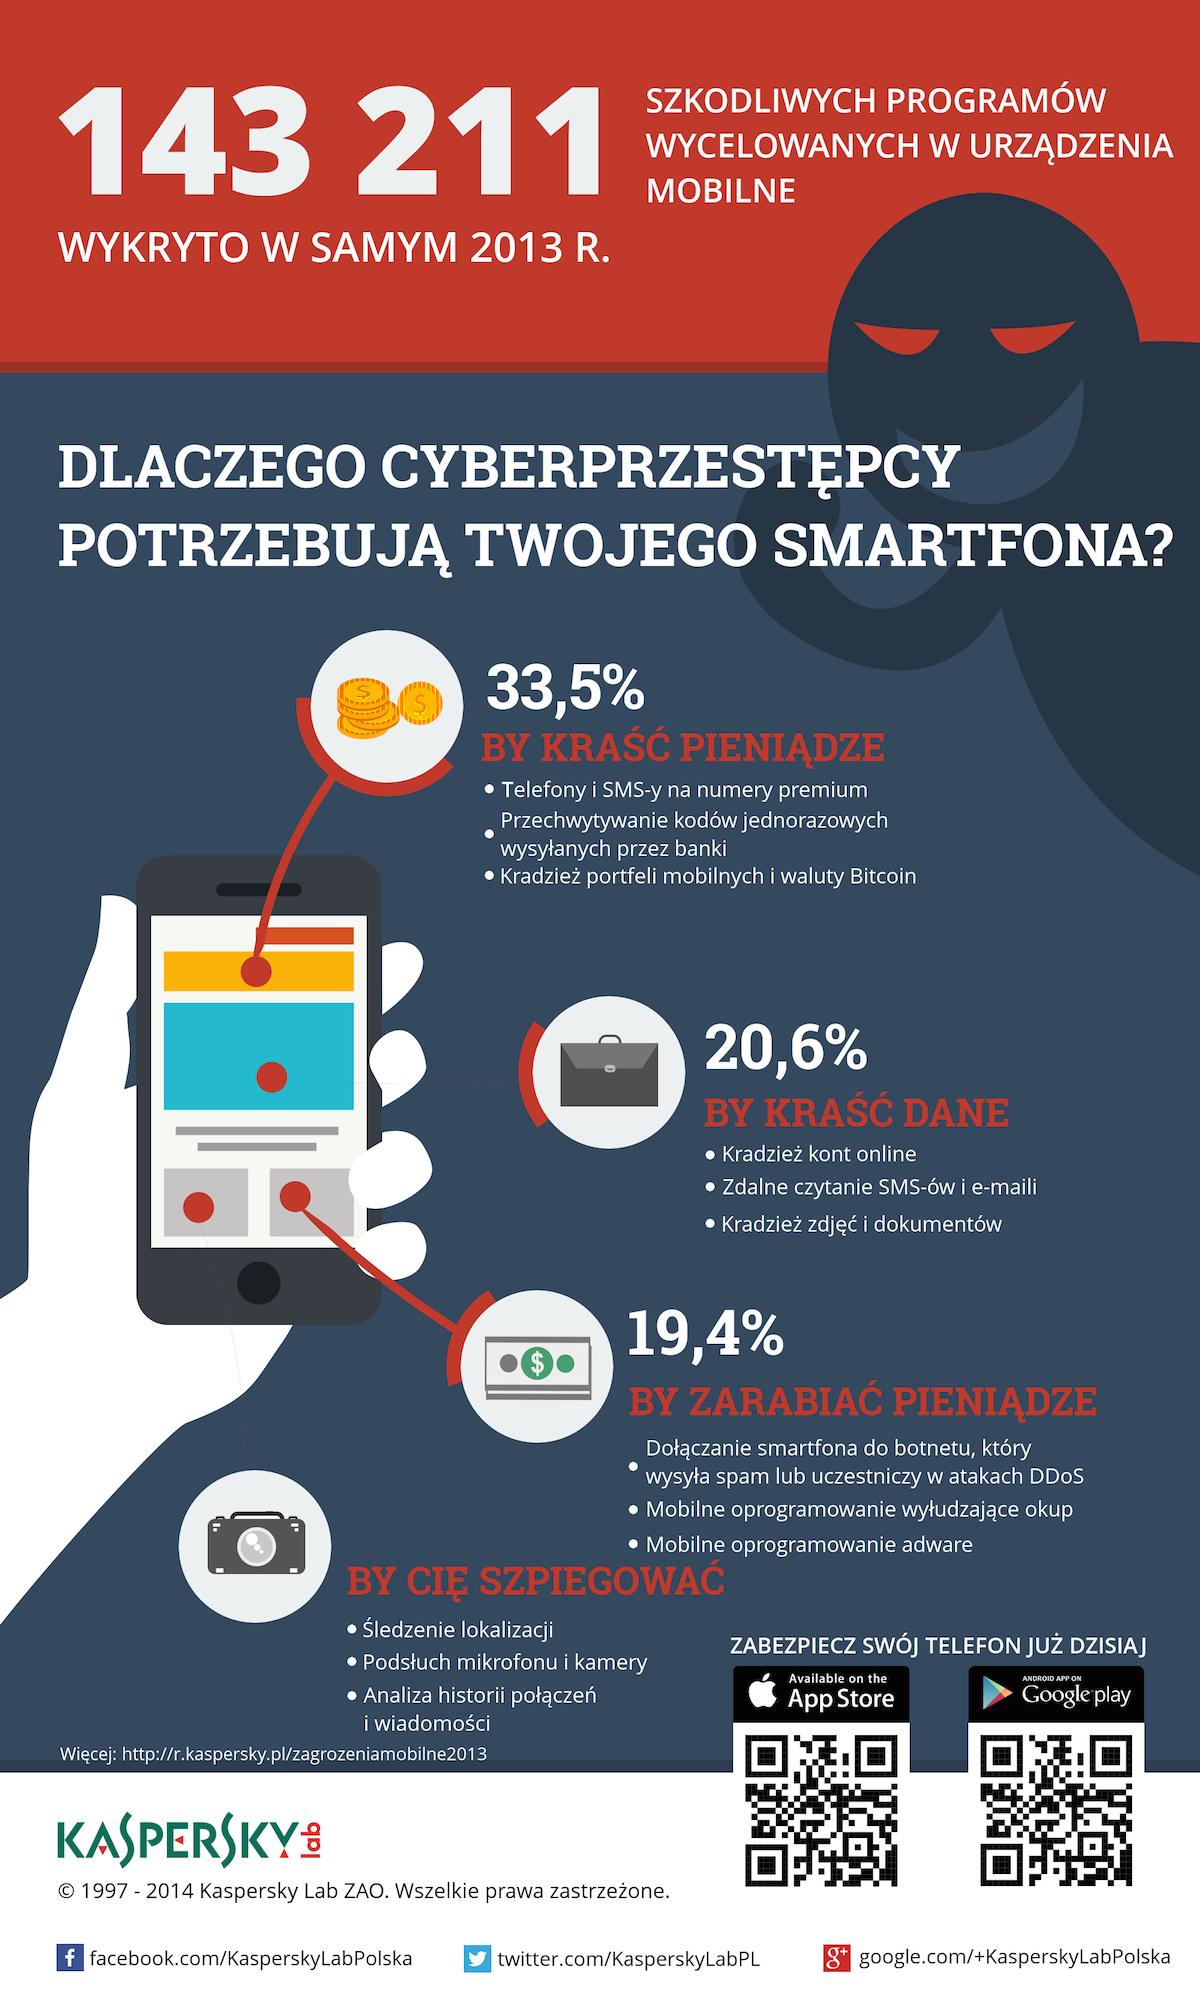 klp_infografika_dlaczego_smartfon